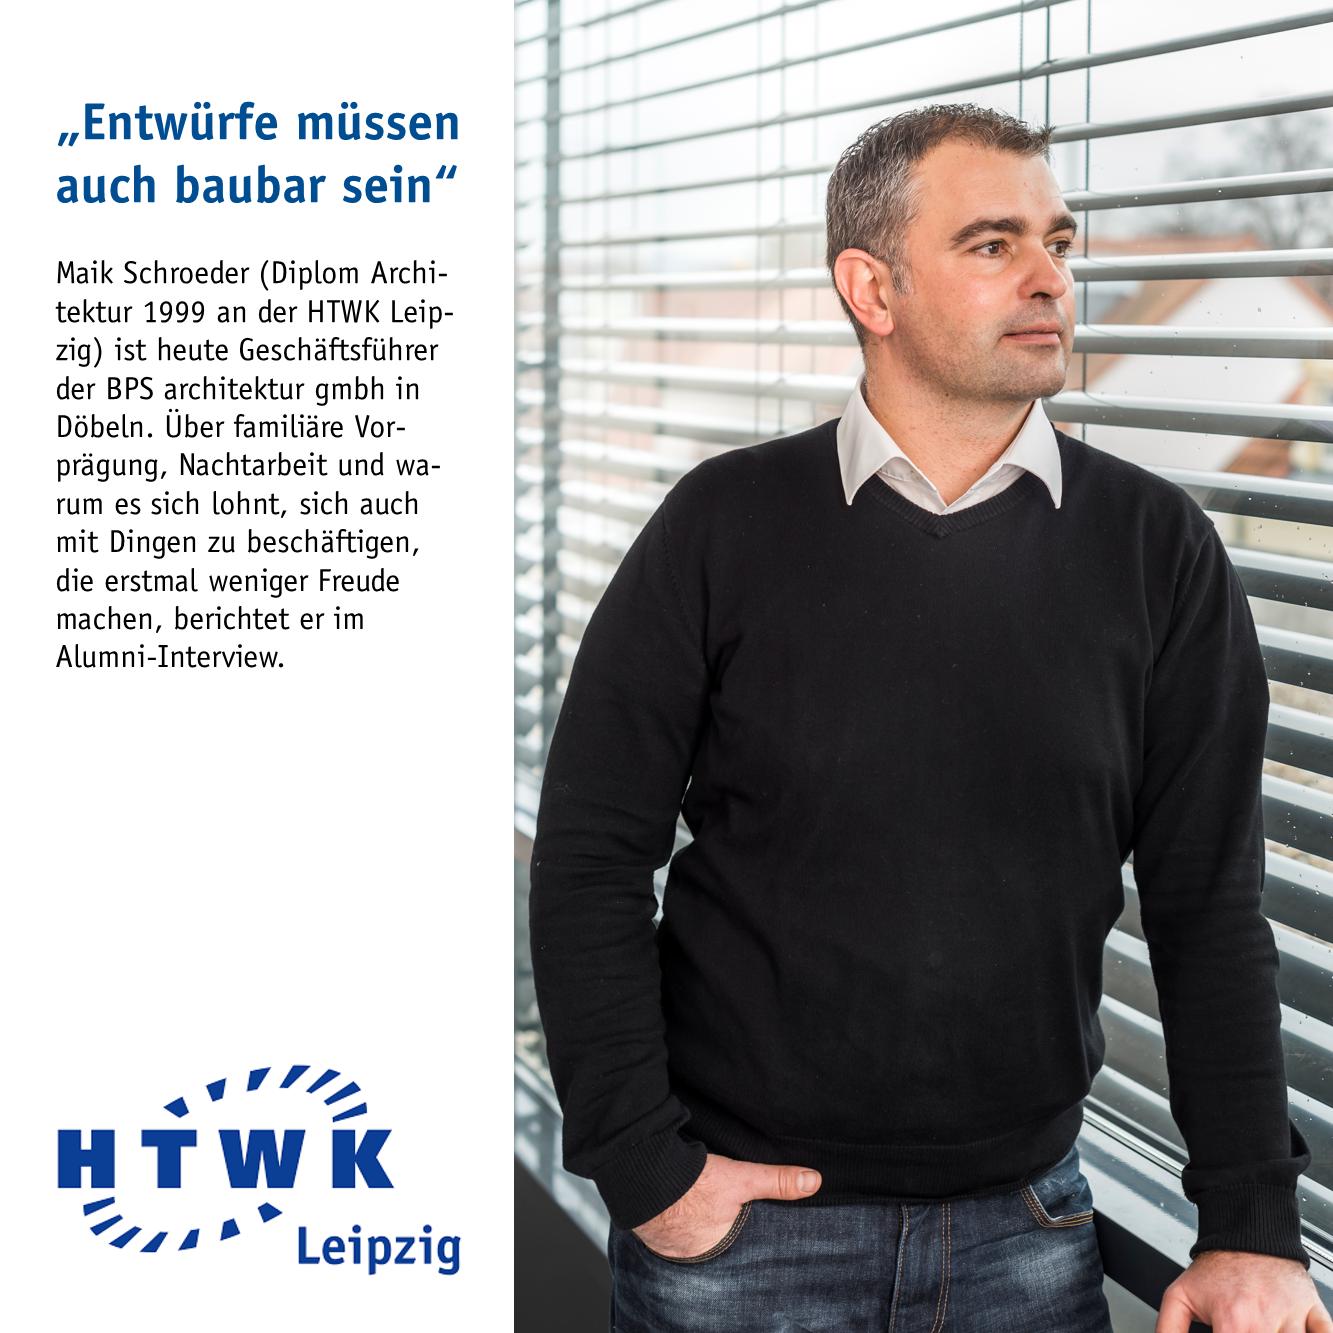 Architekt Maik Schroeder im Interview der Hochschule für Technik, Wirtschaft und Kultur Leipzig